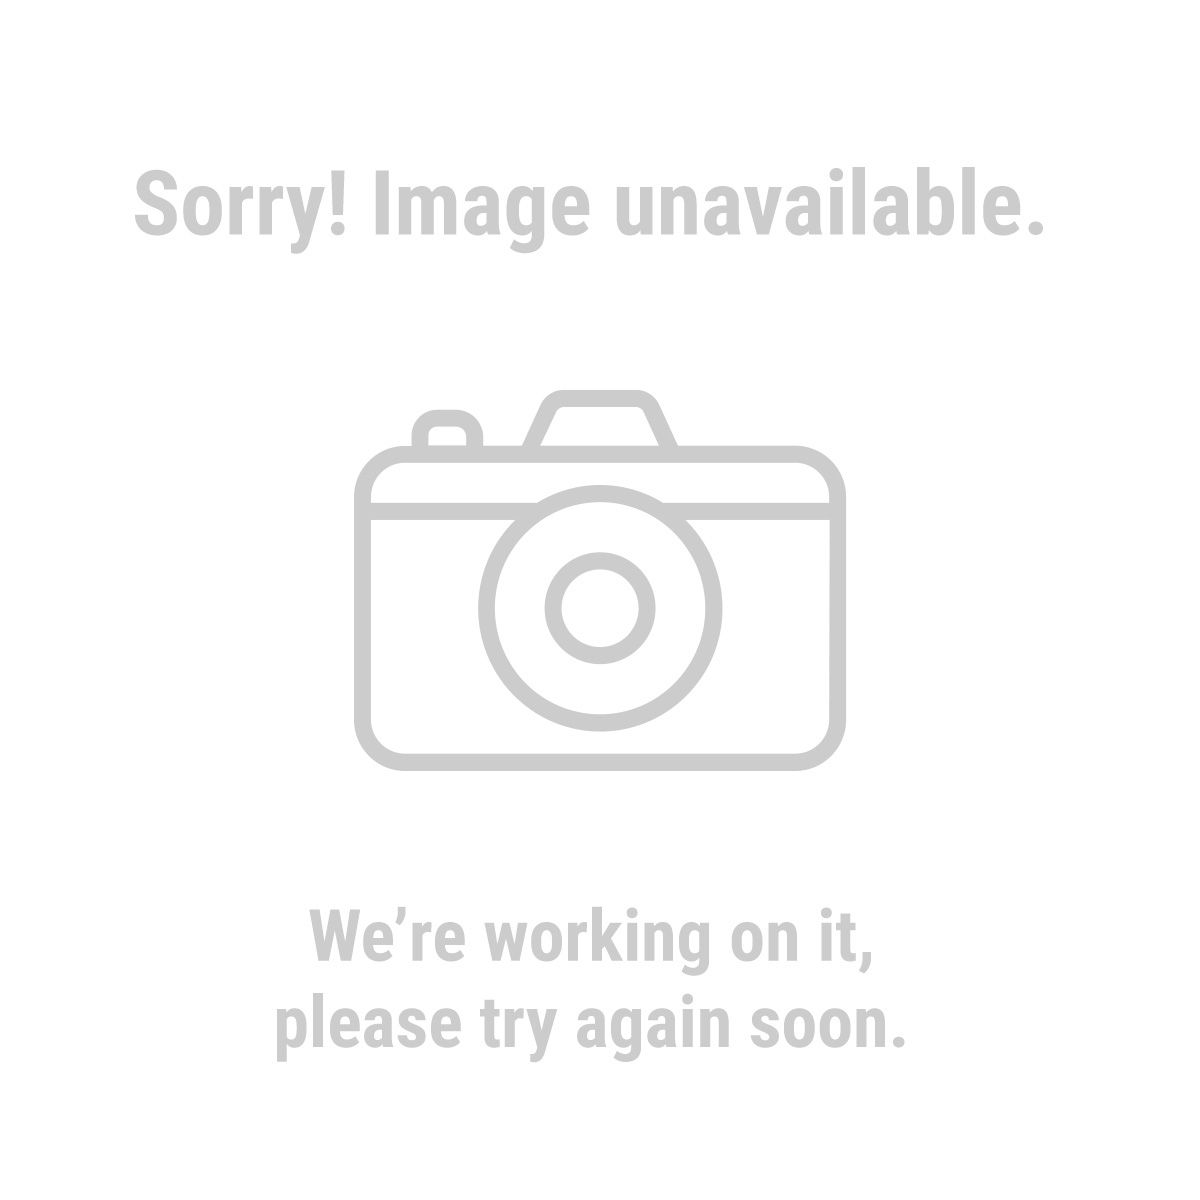 Krause & Becker 60600 Airless Paint Sprayer Kit